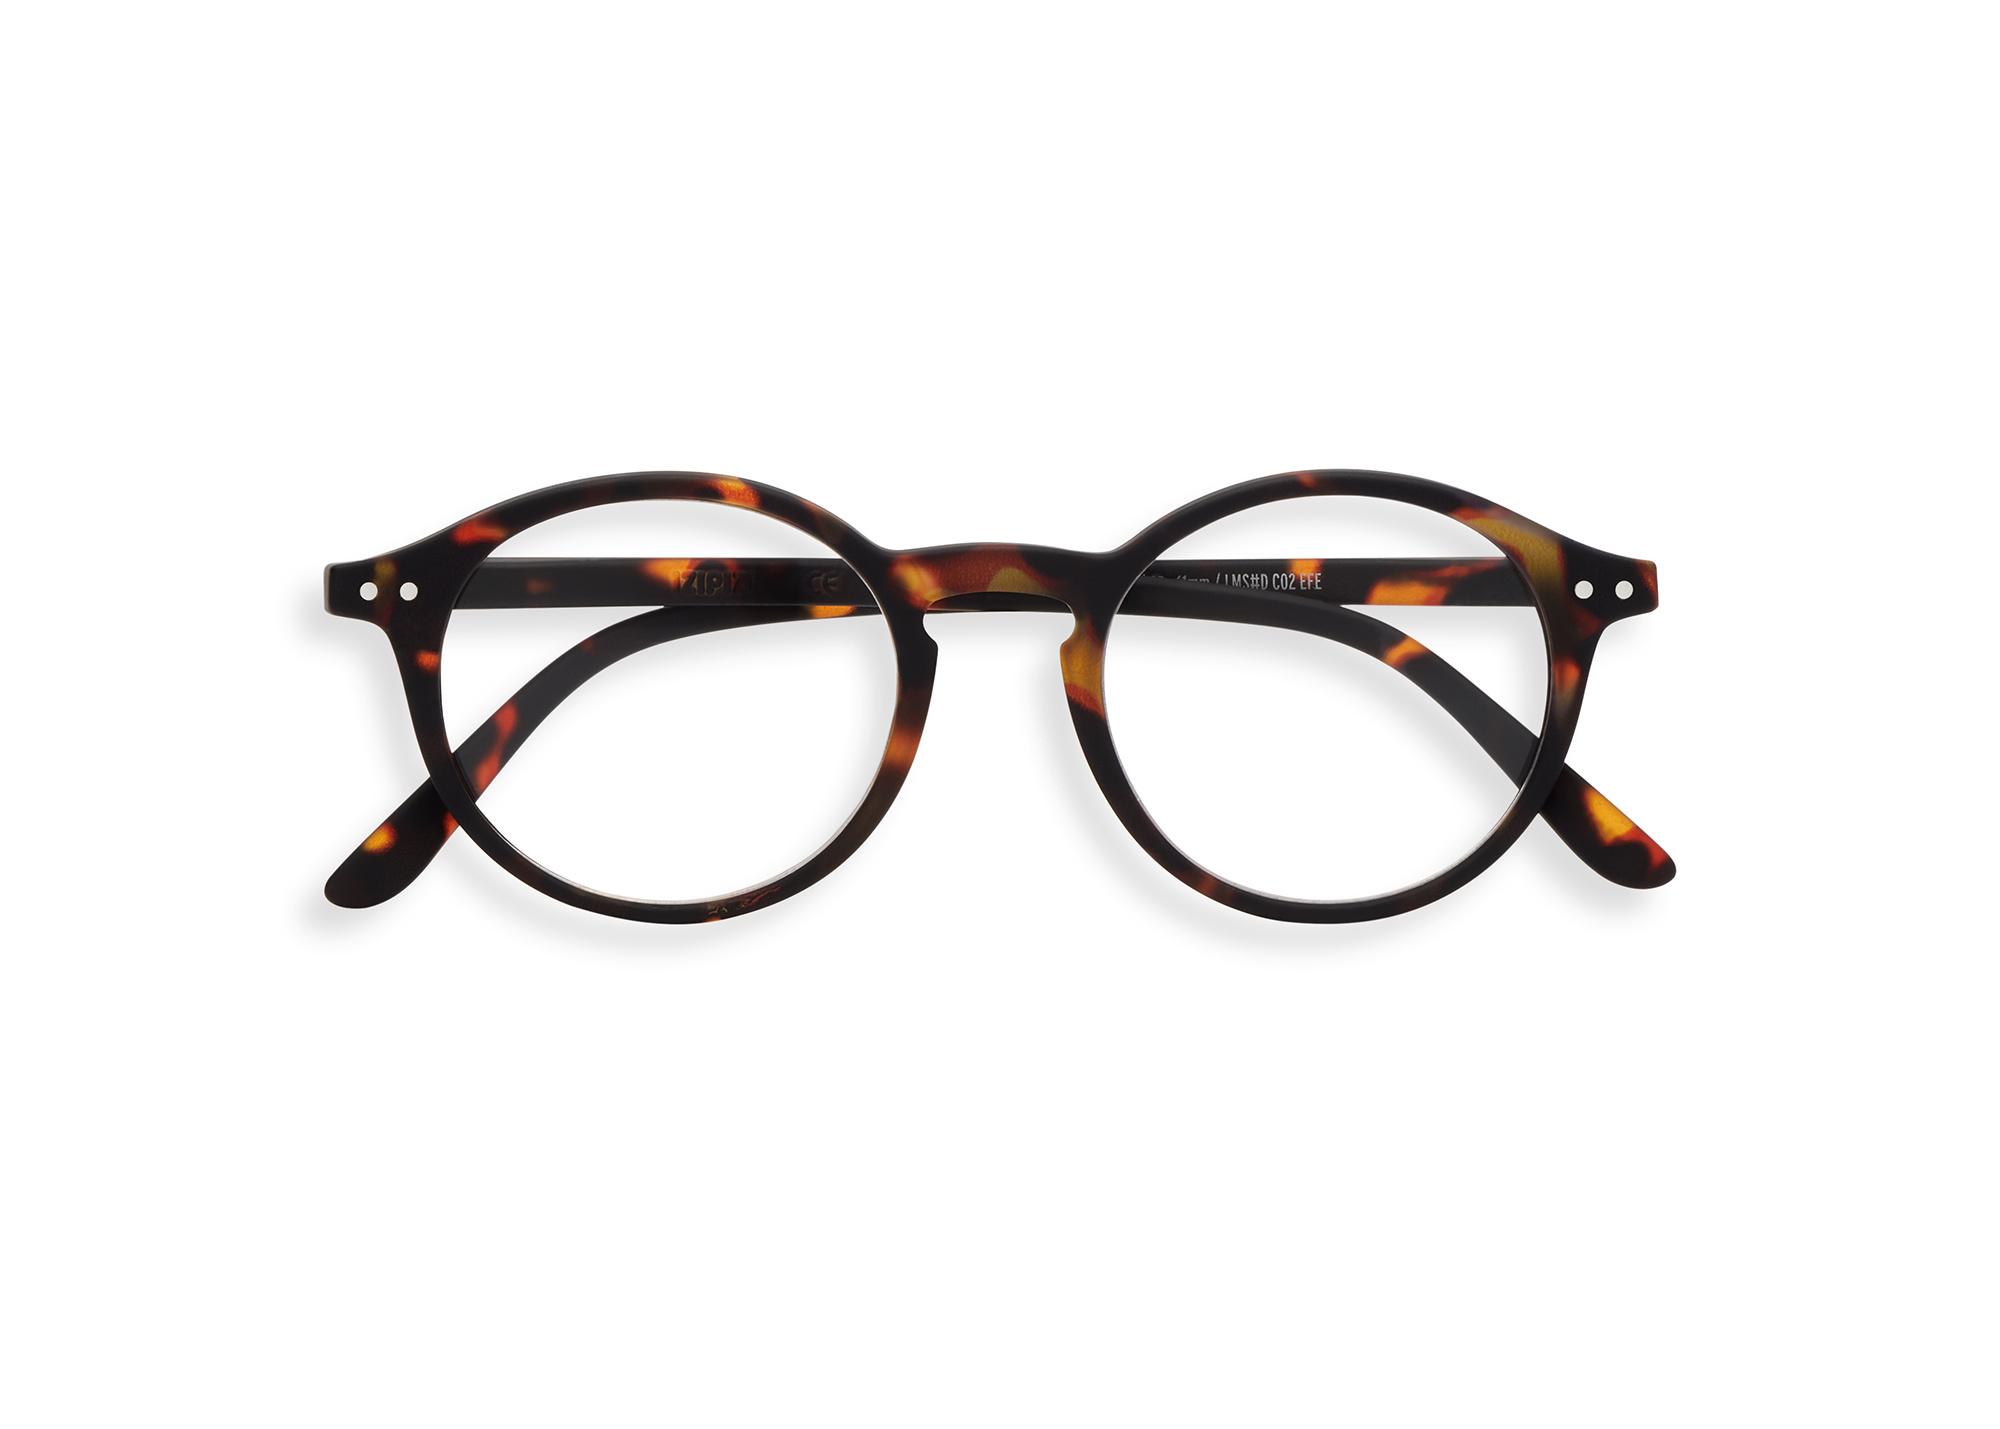 Izipizi leesbril model D Tortoise-1